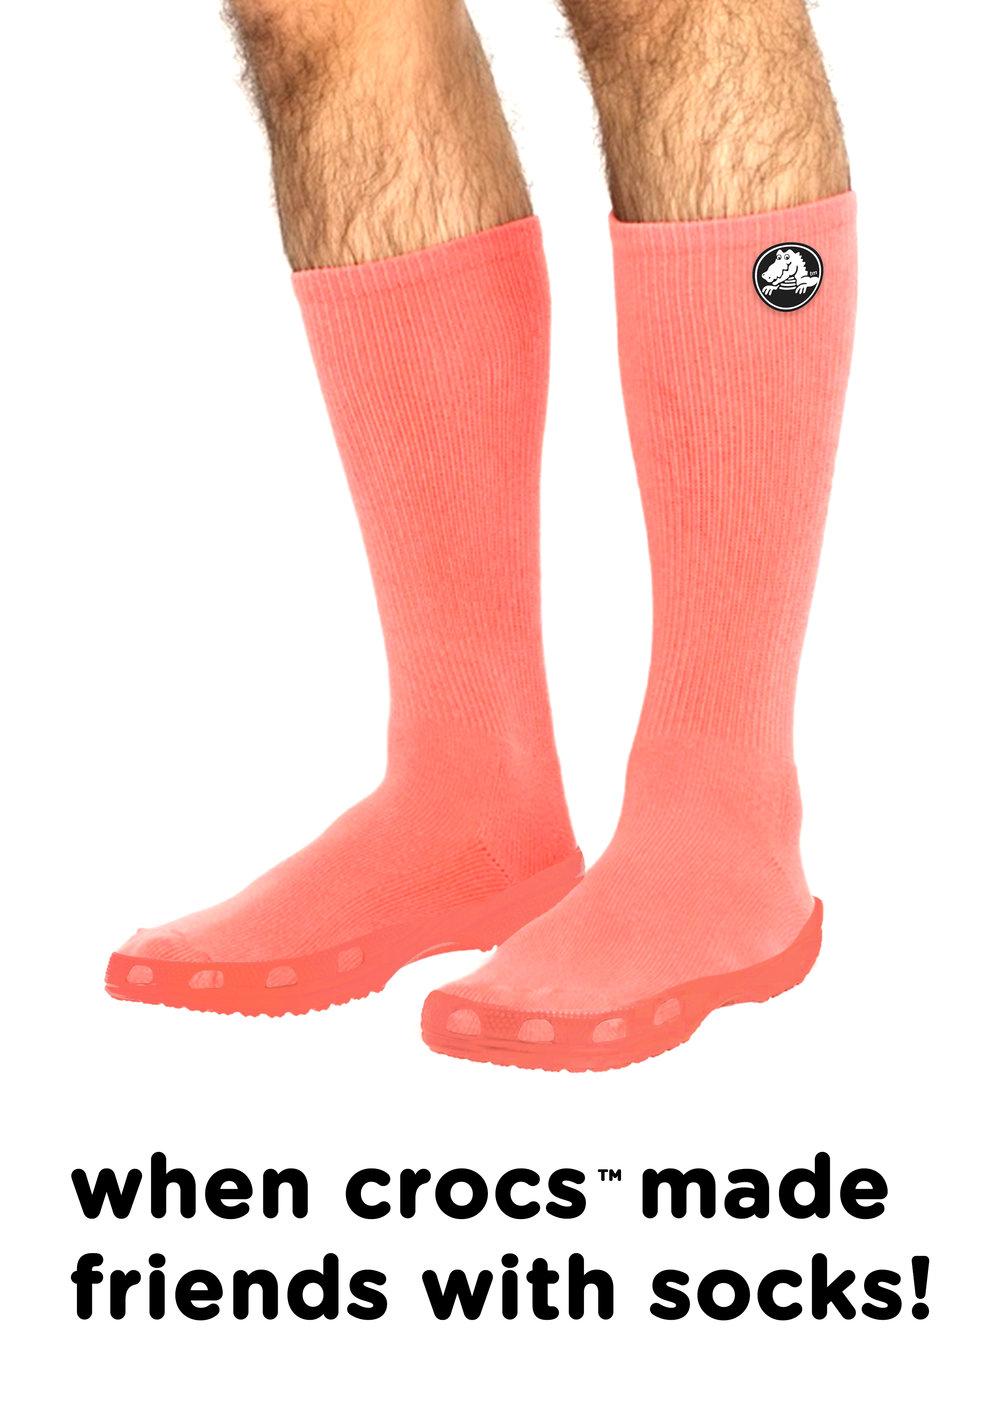 Socks and Crocks.jpg